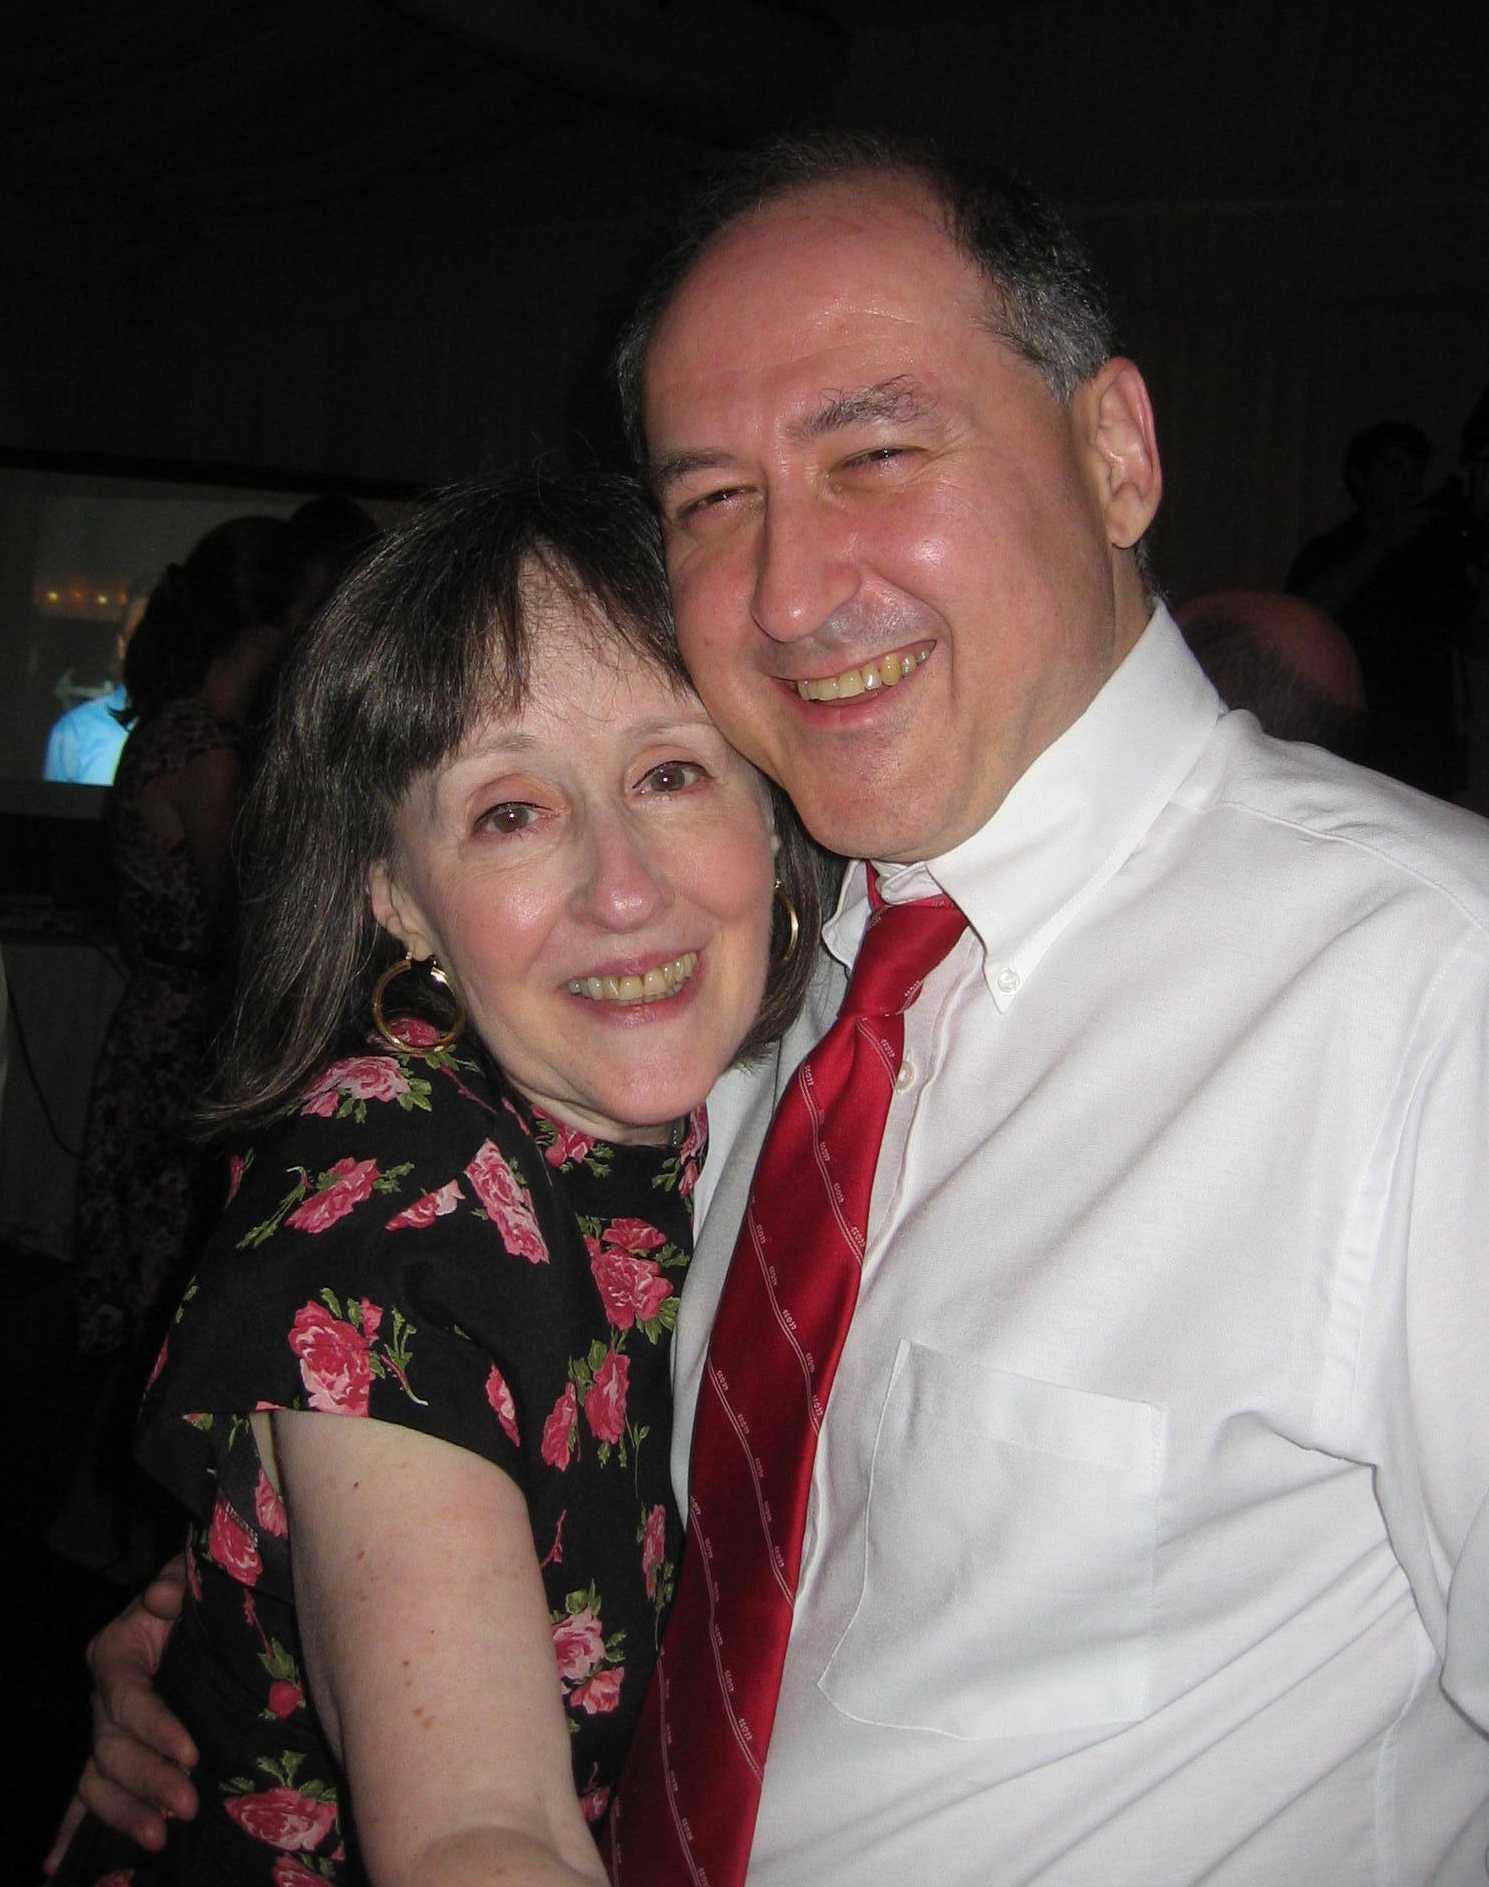 Lois and Hadar Dancing